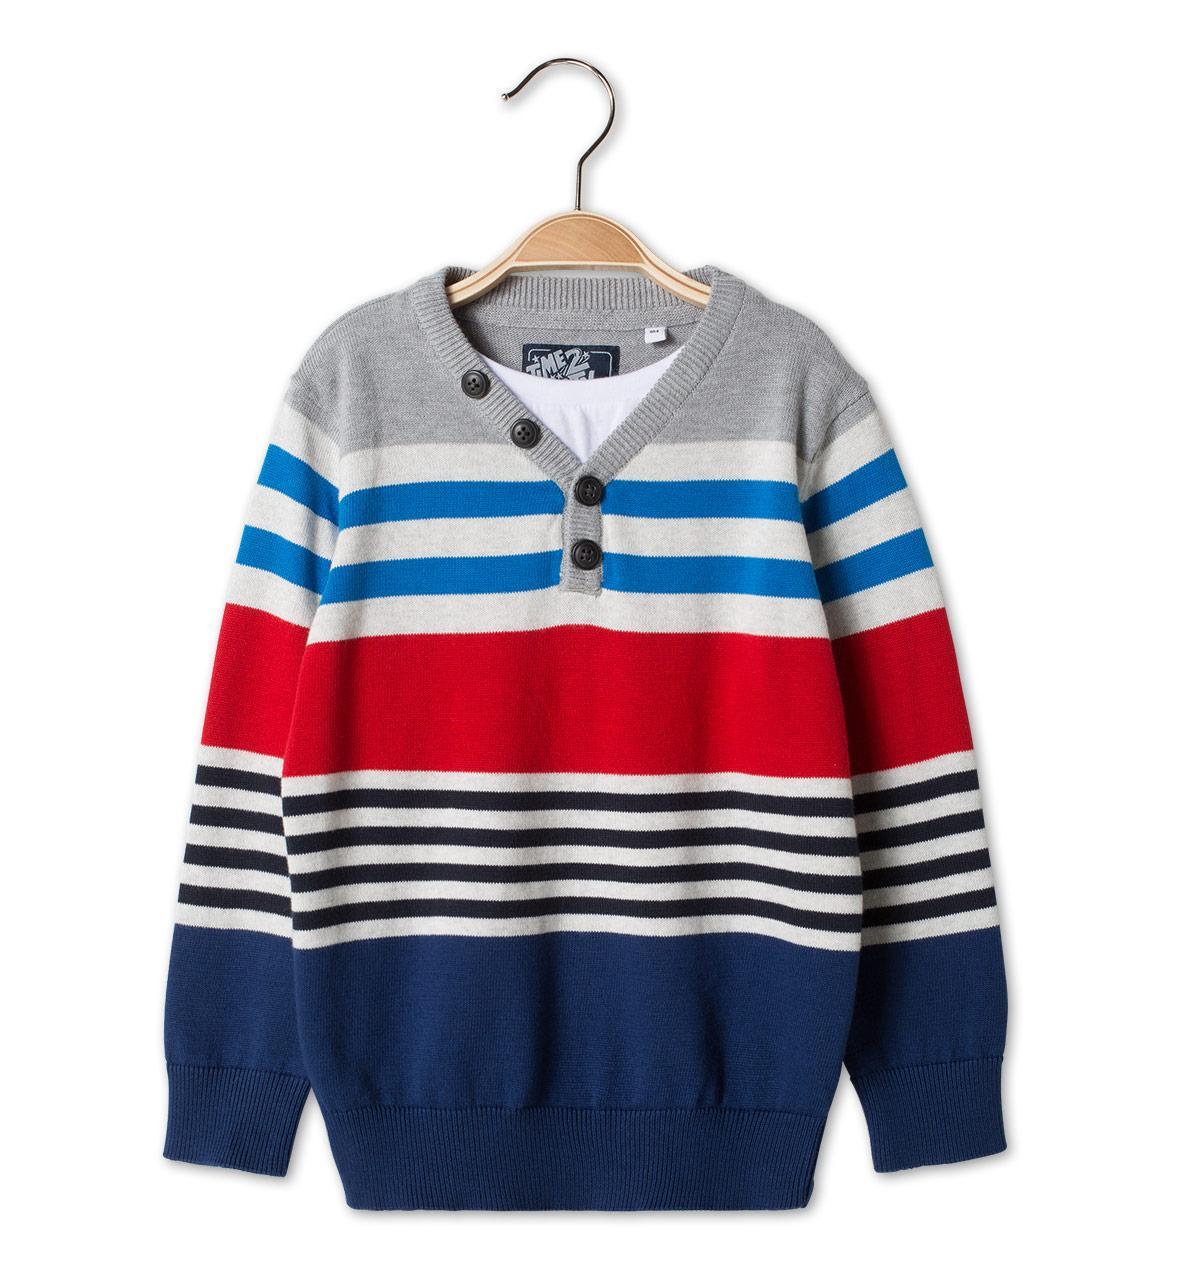 Полосатый свитер для мальчика C&A Германия Размер 122